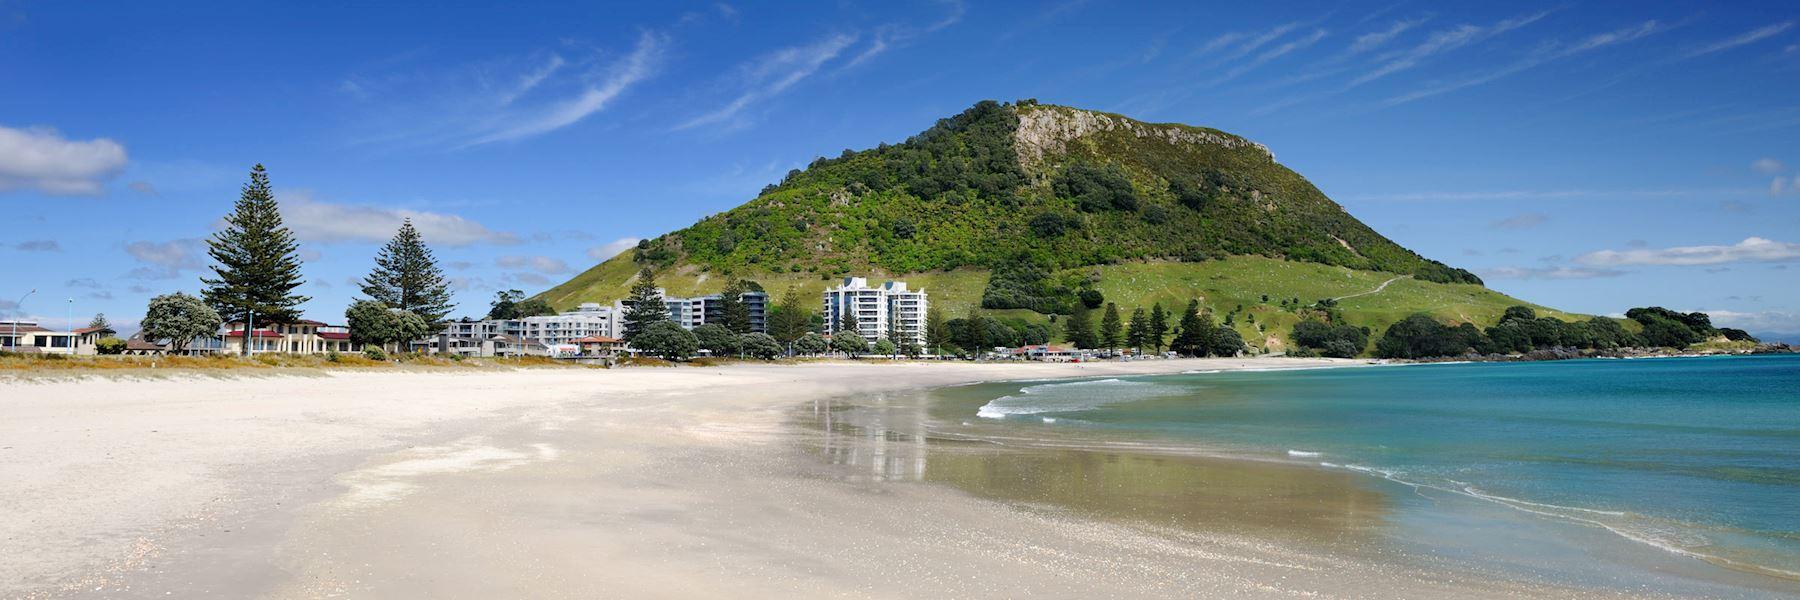 Visit Bay of Plenty, New Zealand